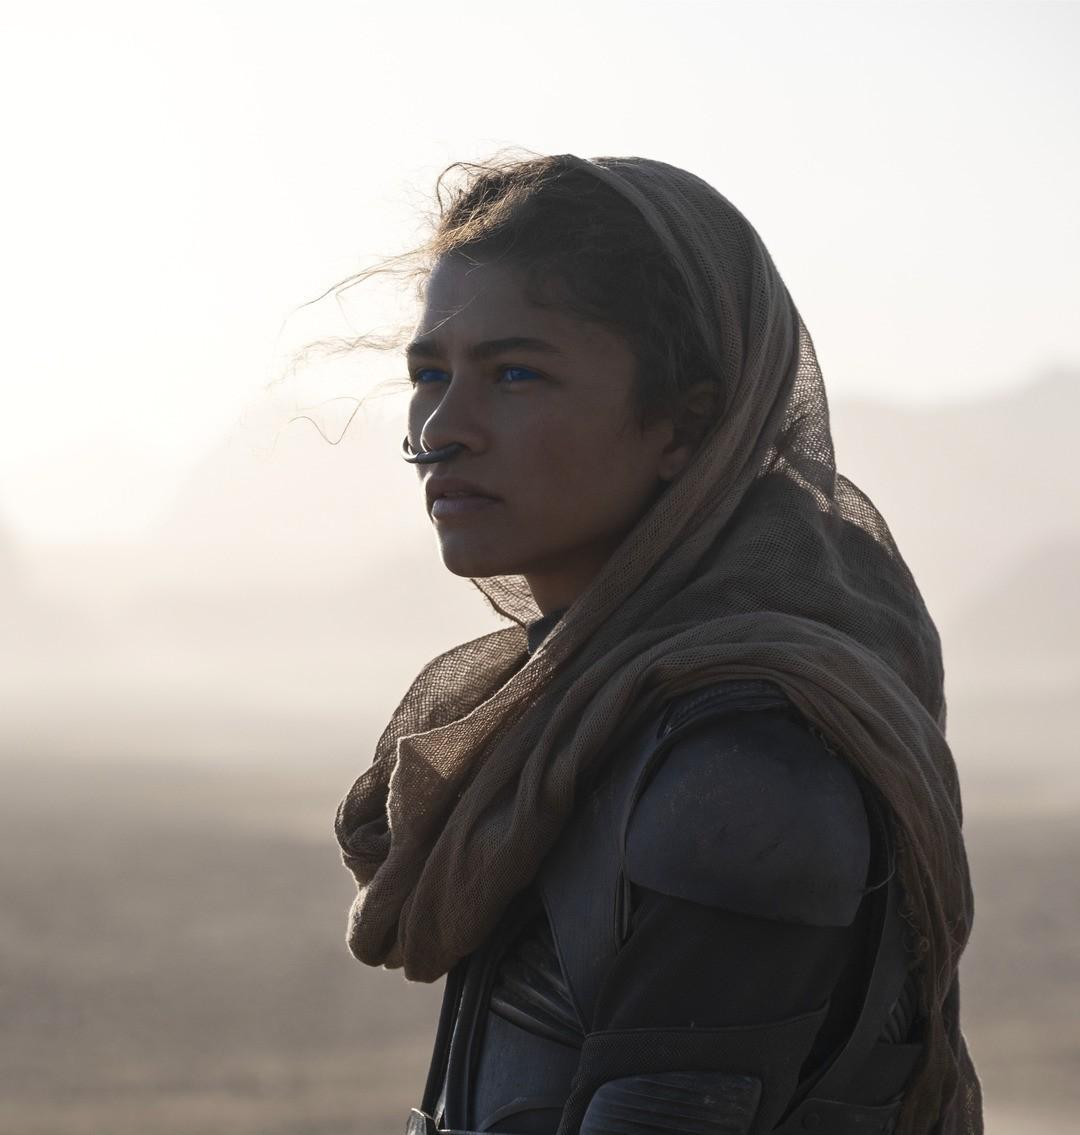 Dune - Bild 9 von 11